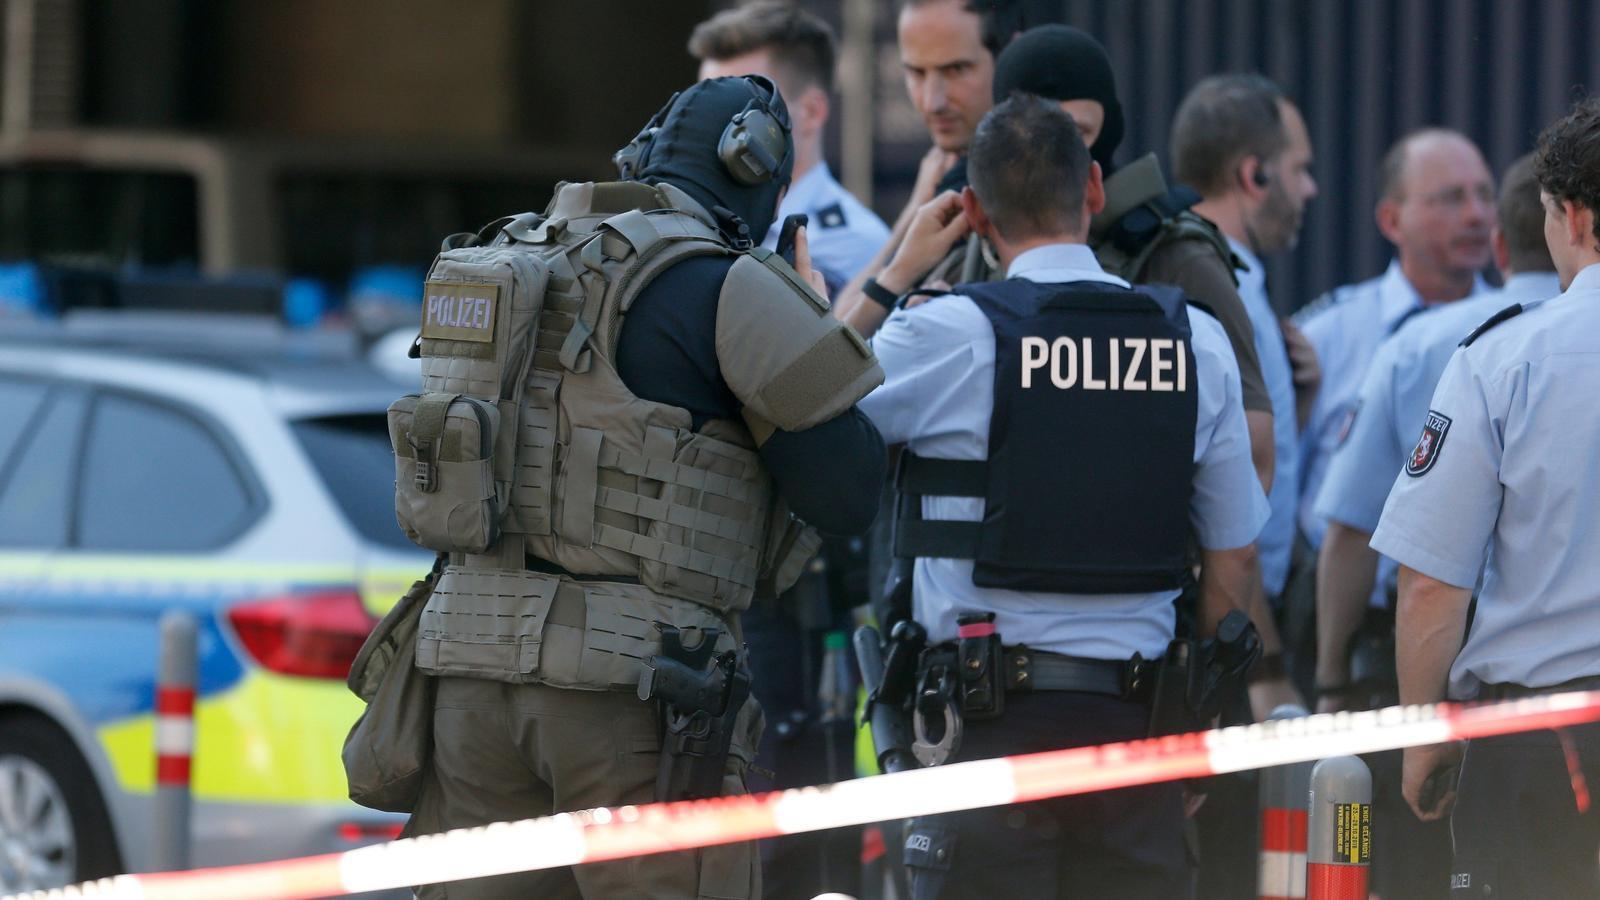 La policia redueix l'assaltant que havia retingut una dona a l'estació de tren de Colònia